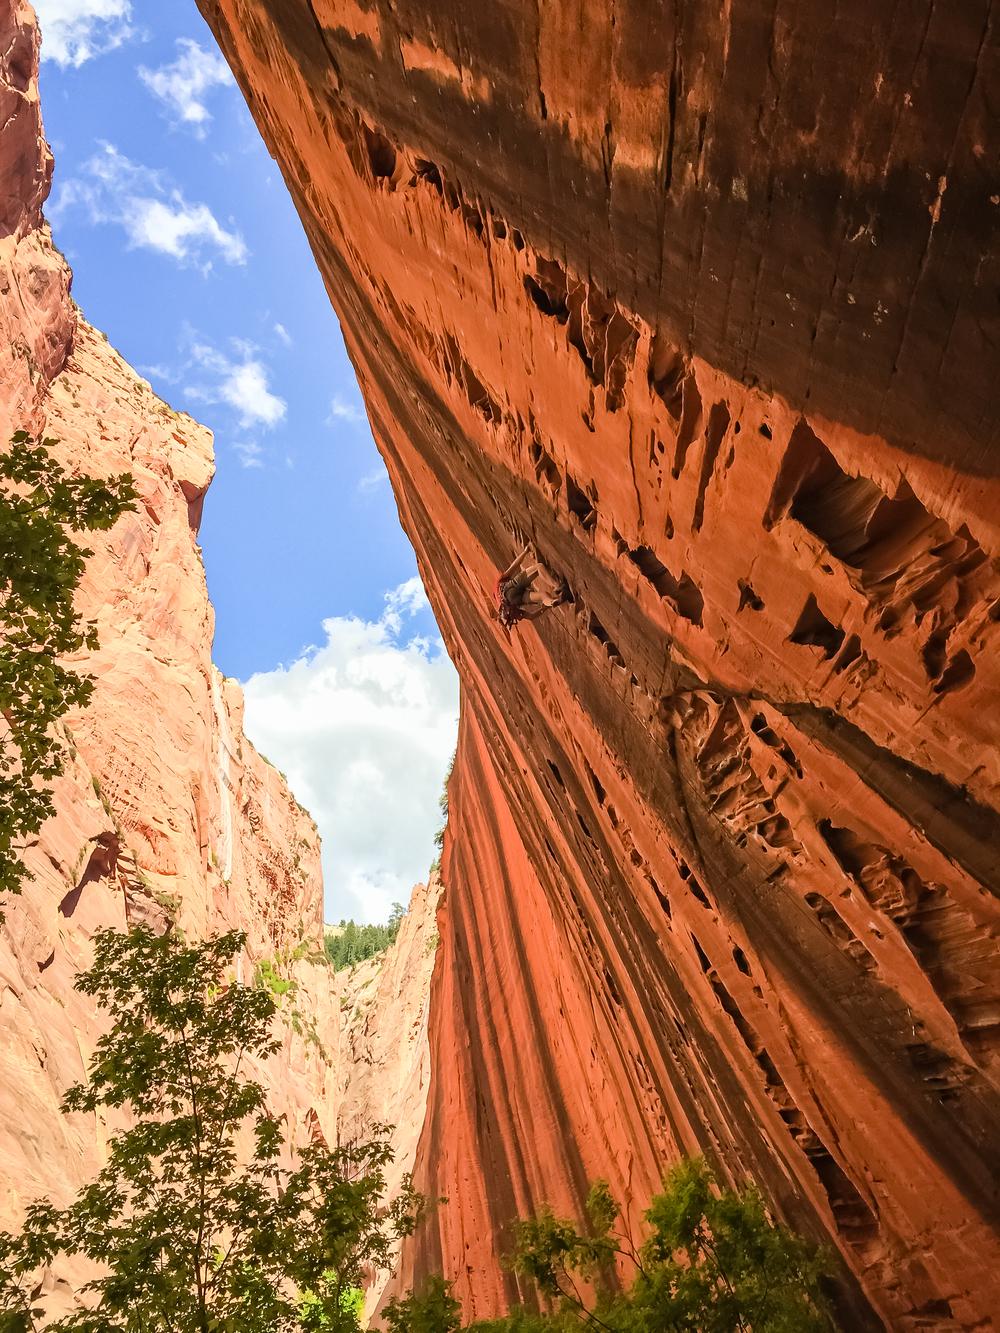 Escalando em Namaste Wall, Zion National Park